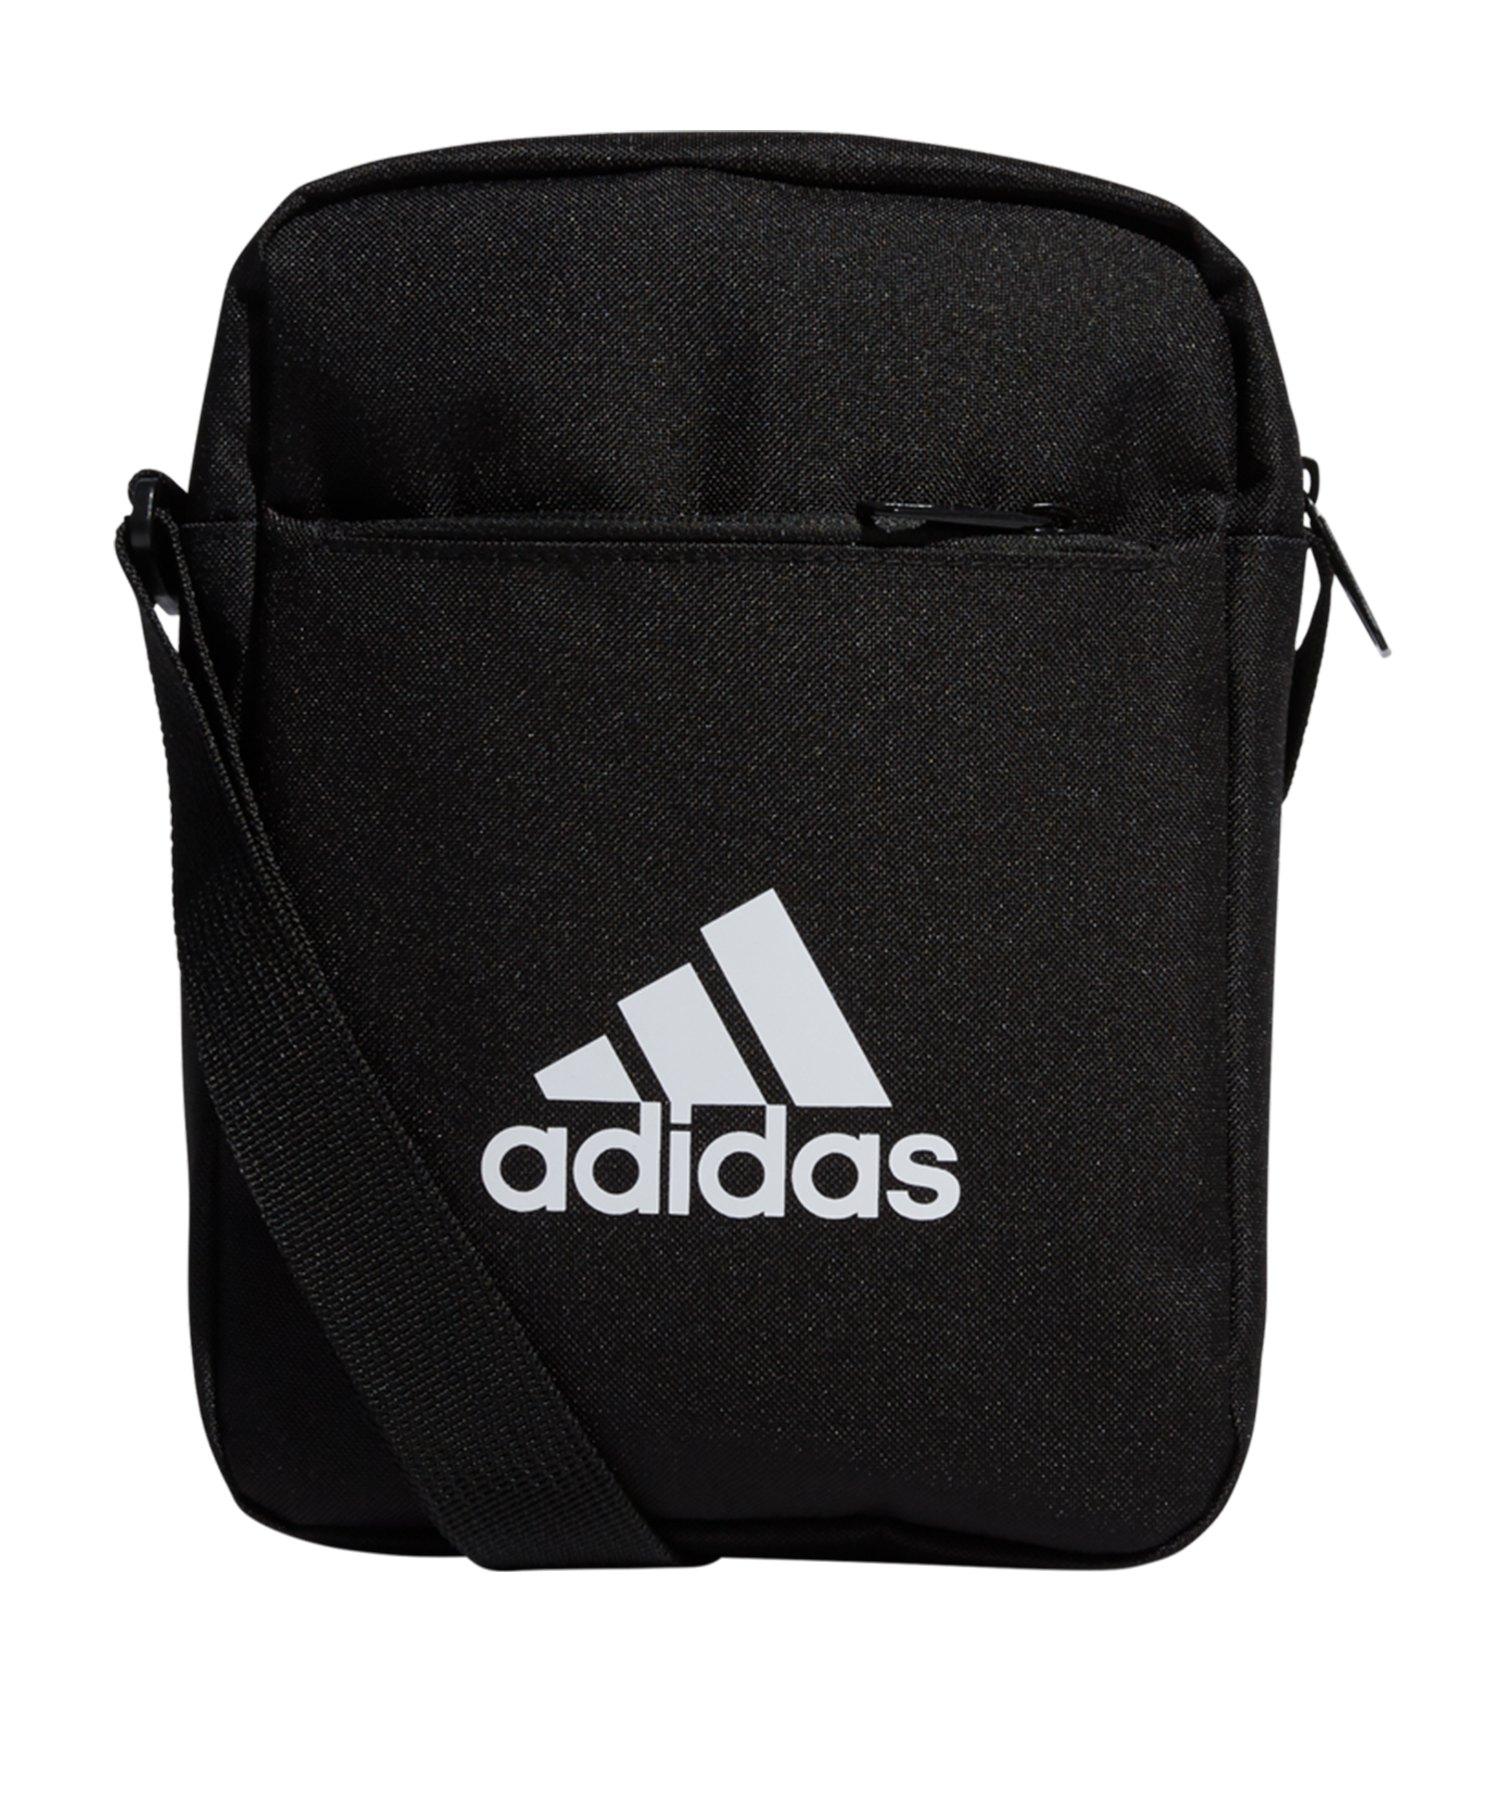 adidas Mini Bag Tasche Schwarz Weiss - schwarz